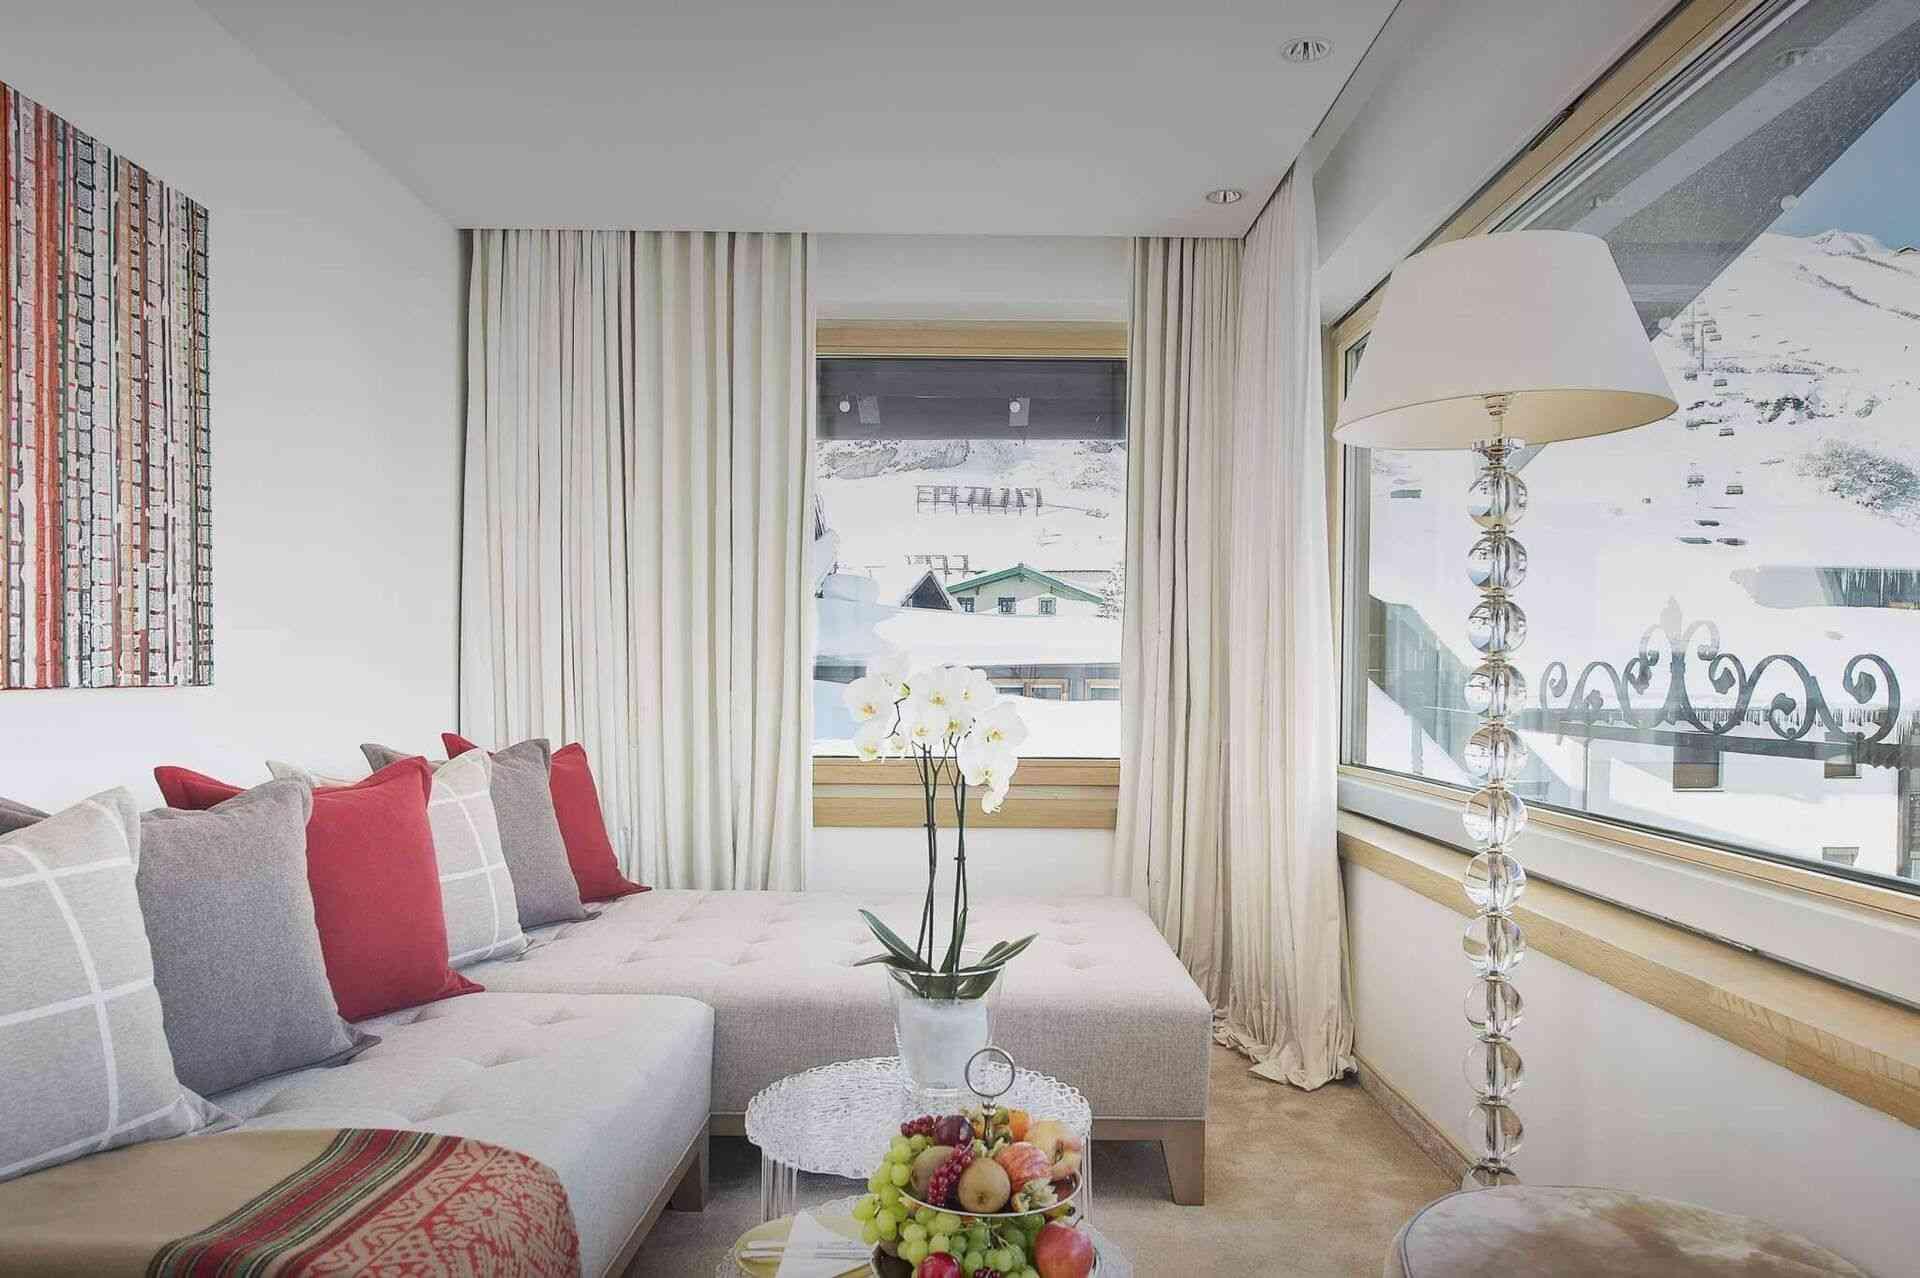 Eine gemütliche Couch, kleine Tische und eine Stehlampe vor einem Fenster